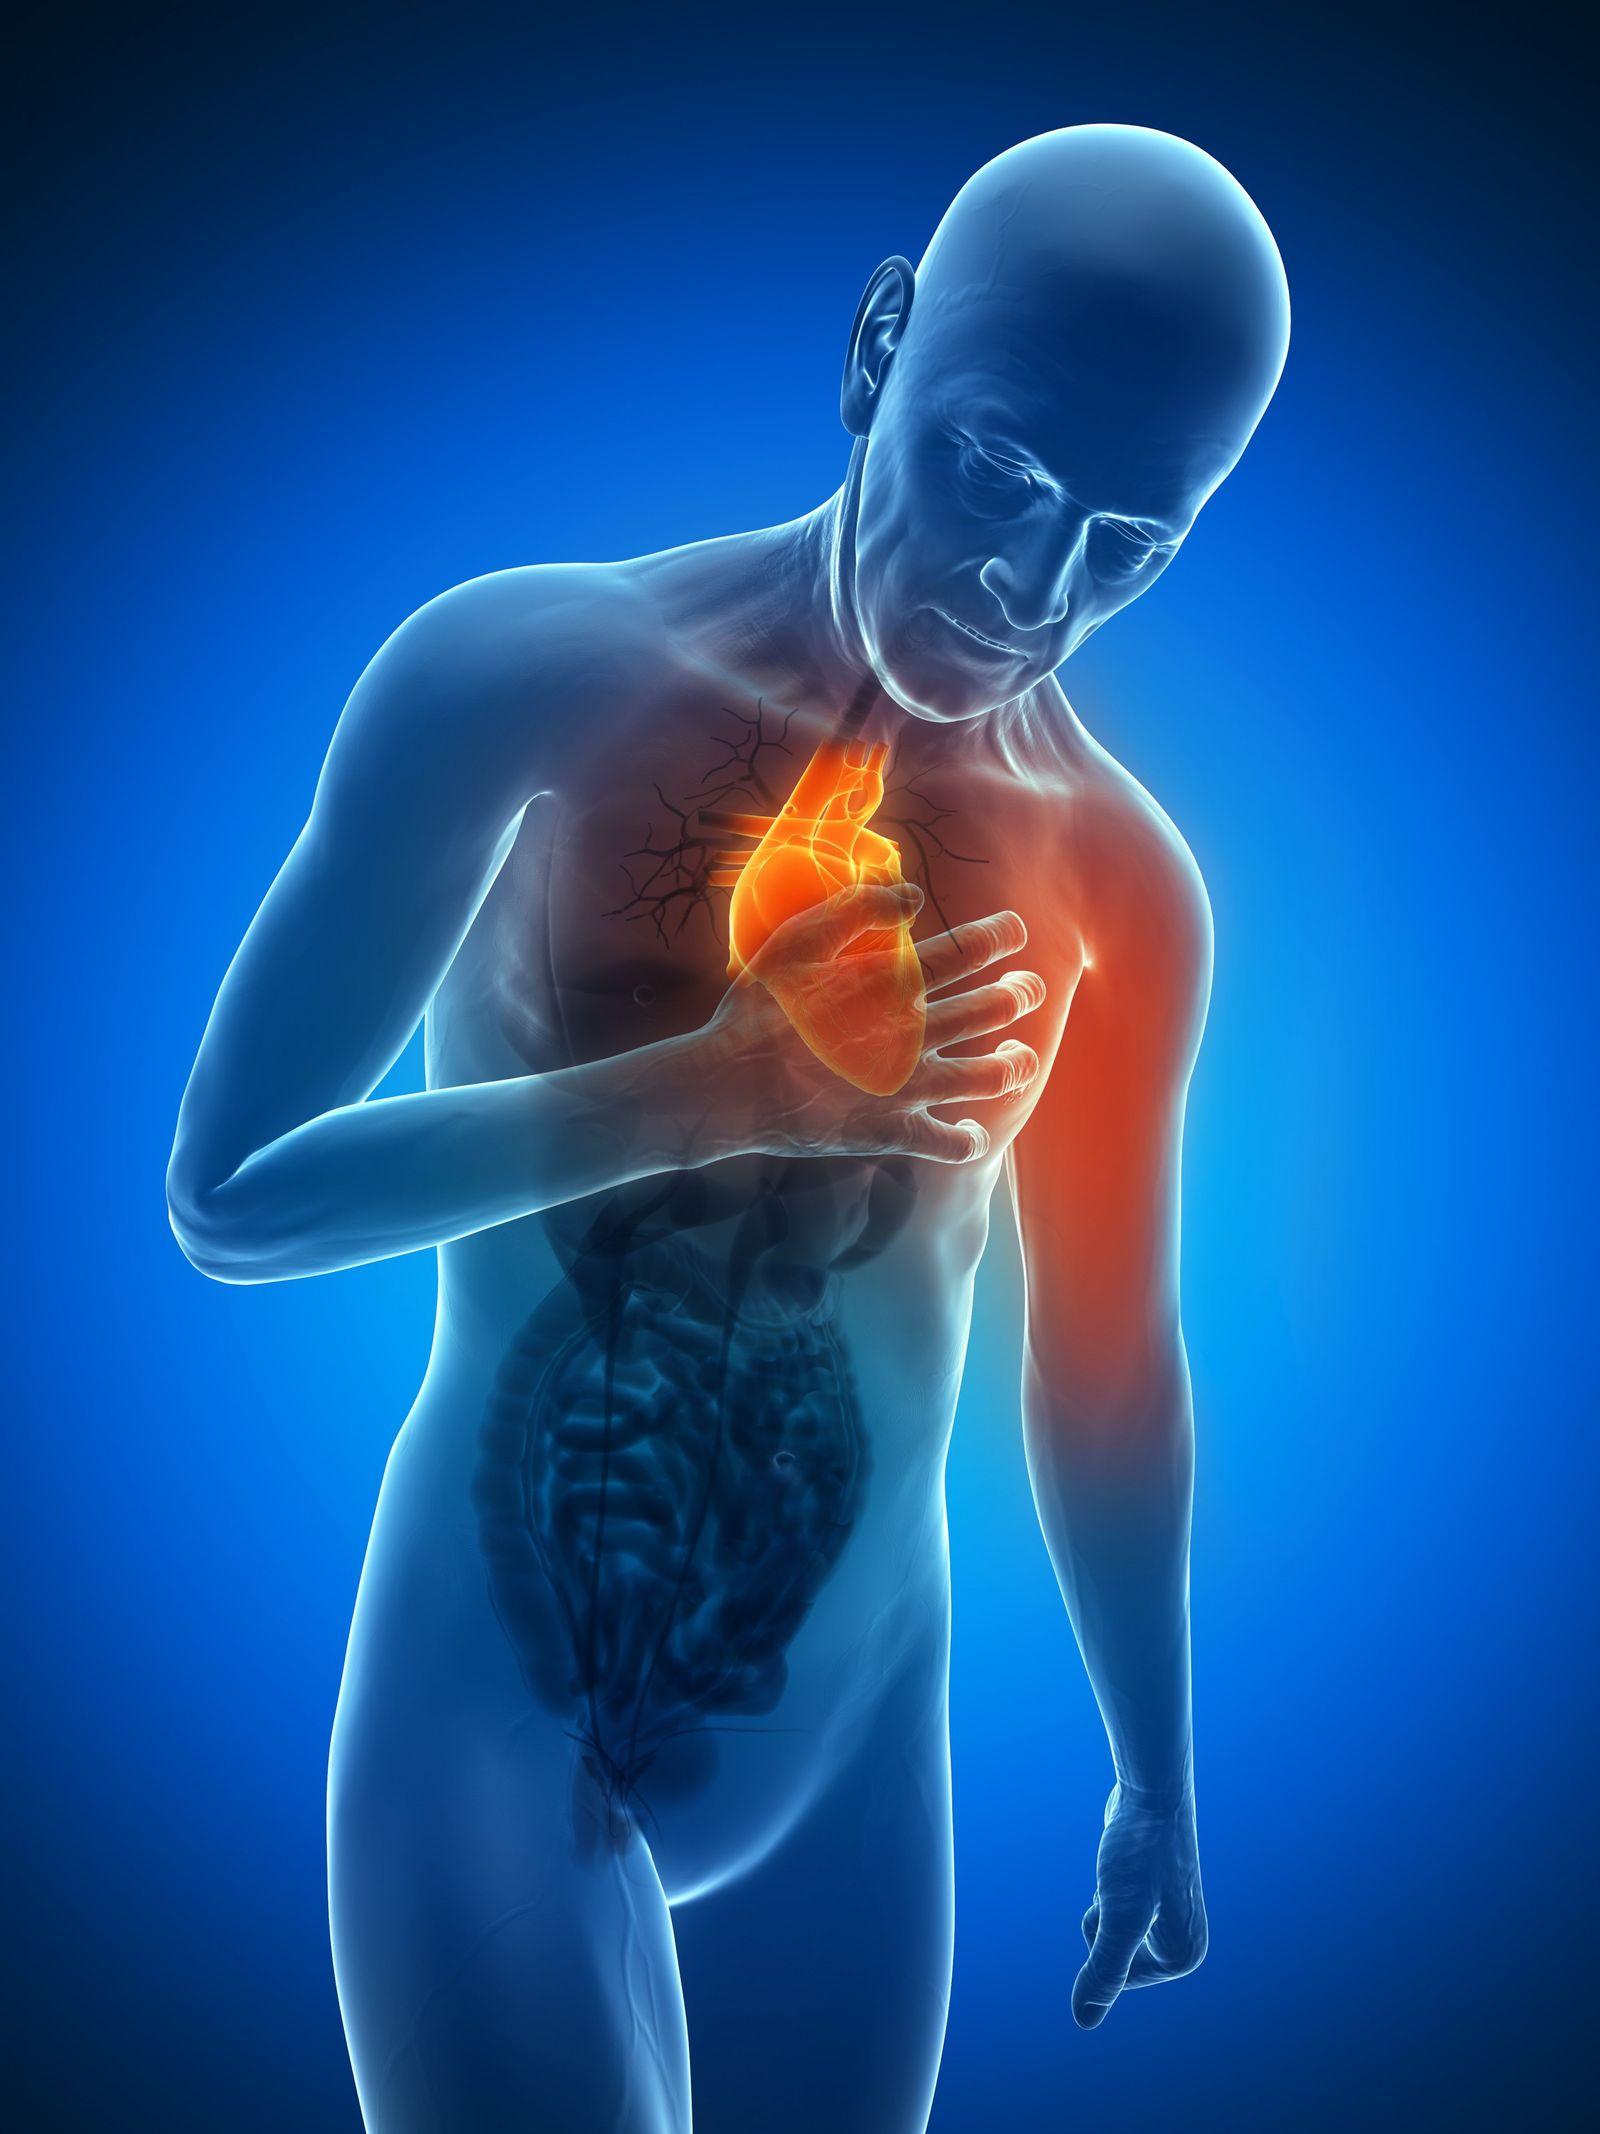 NICHT MEHR VERWENDEN! - Herzinfarkt / Herz